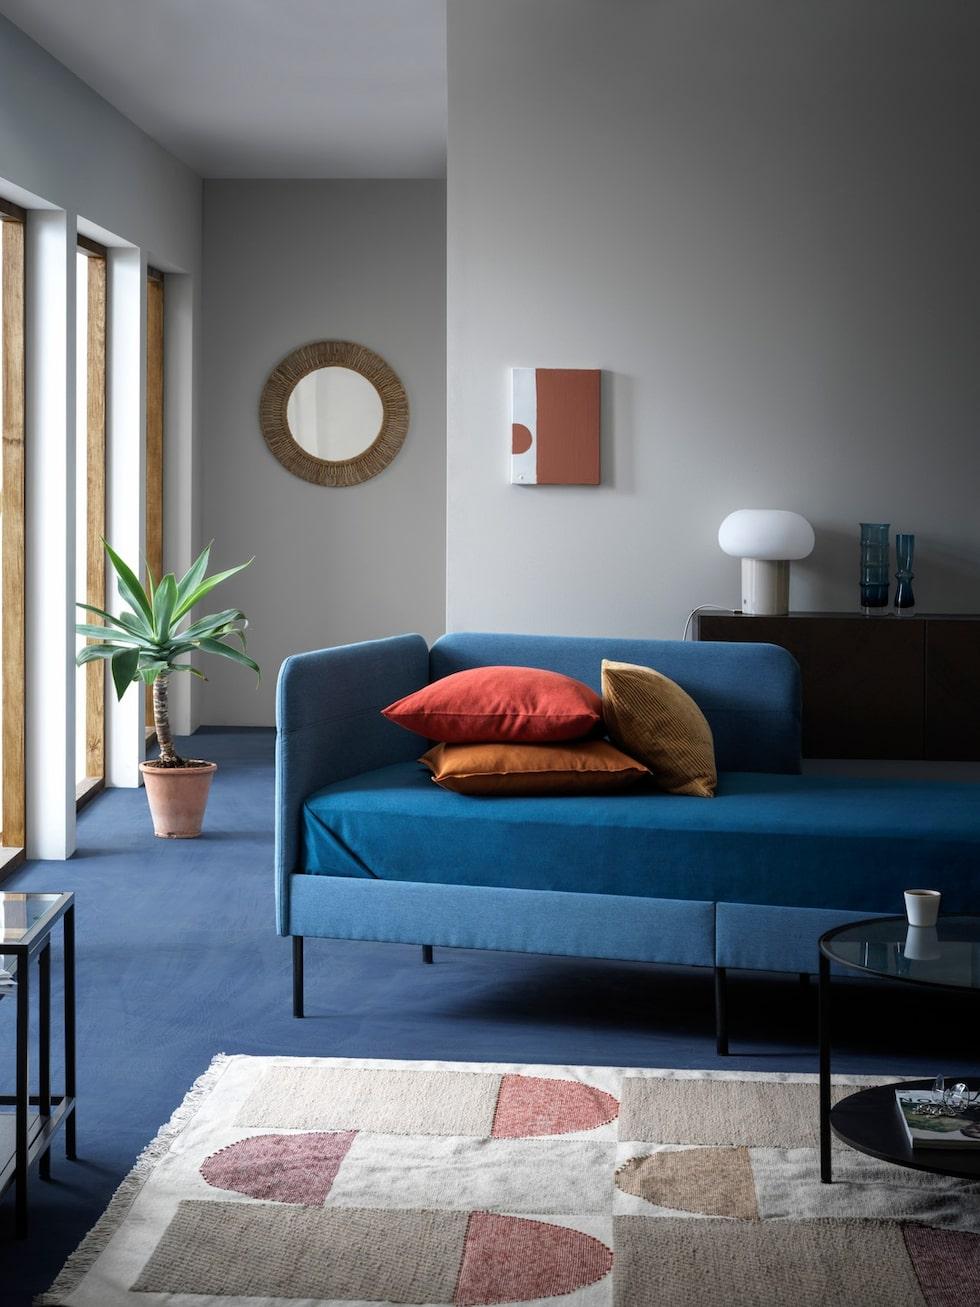 Starkt blått som accentfärg kommer vi få se mycket av. Klädd sängstomme, Blåkullen med hörnhuvudgavel, 1 490 kronor, Ikea.